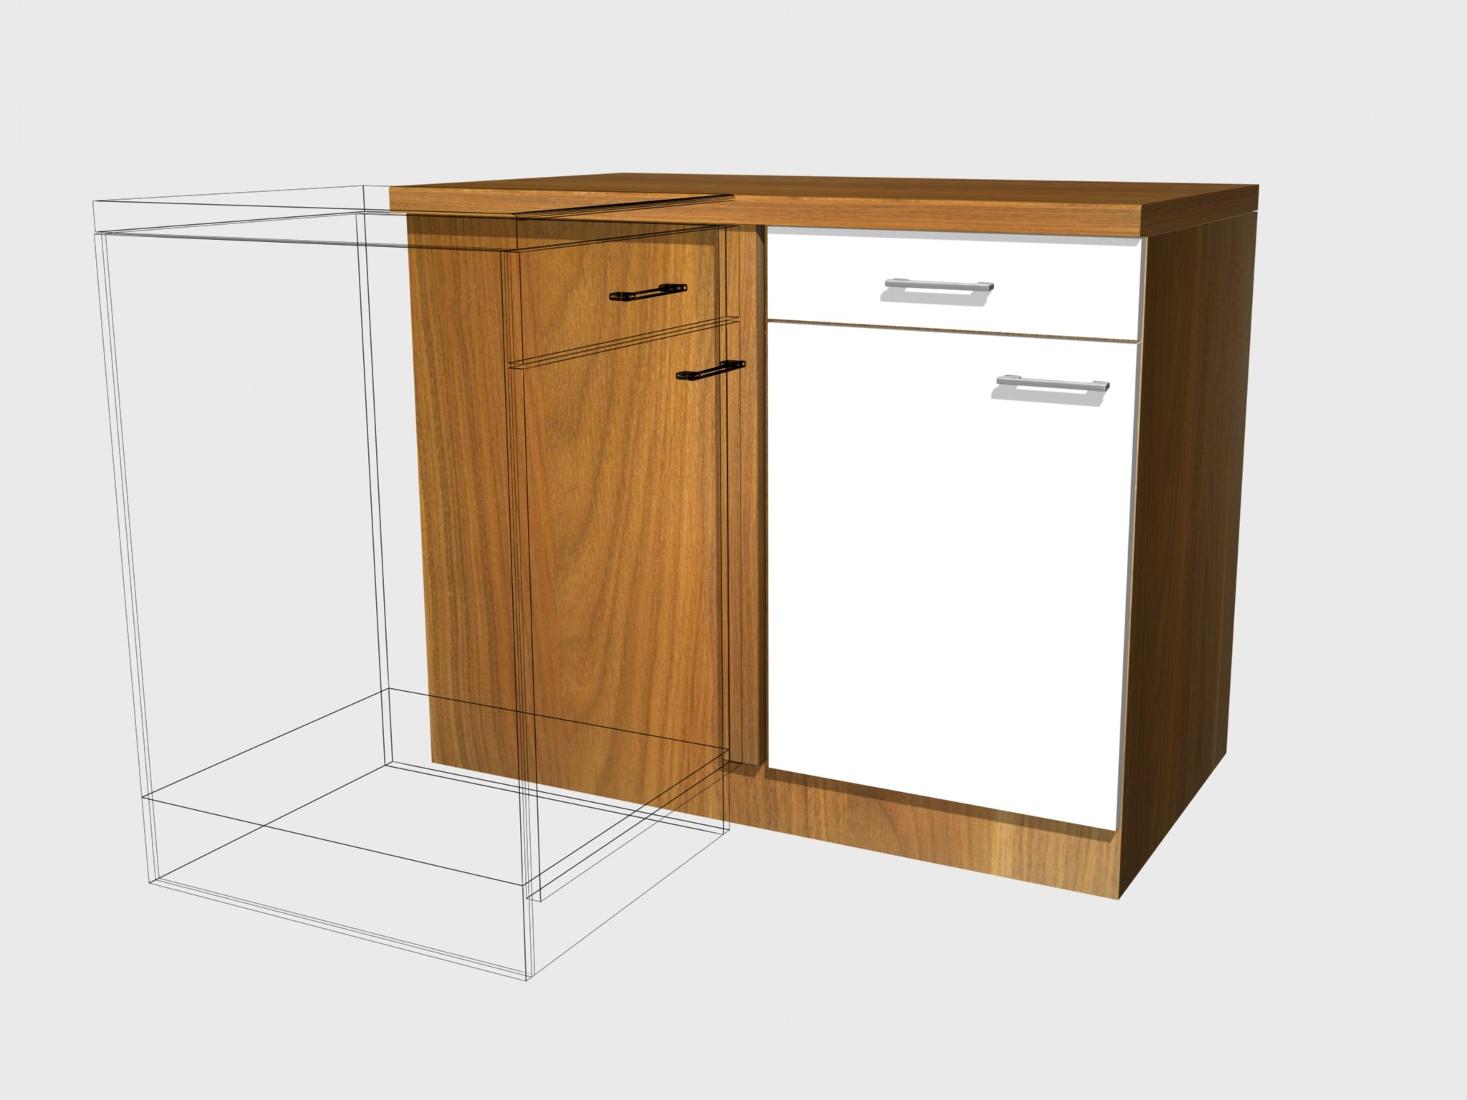 k chen eckunterschrank cosmo 1 t rig 110 cm breit perlmutt wei k che k chen unterschr nke. Black Bedroom Furniture Sets. Home Design Ideas